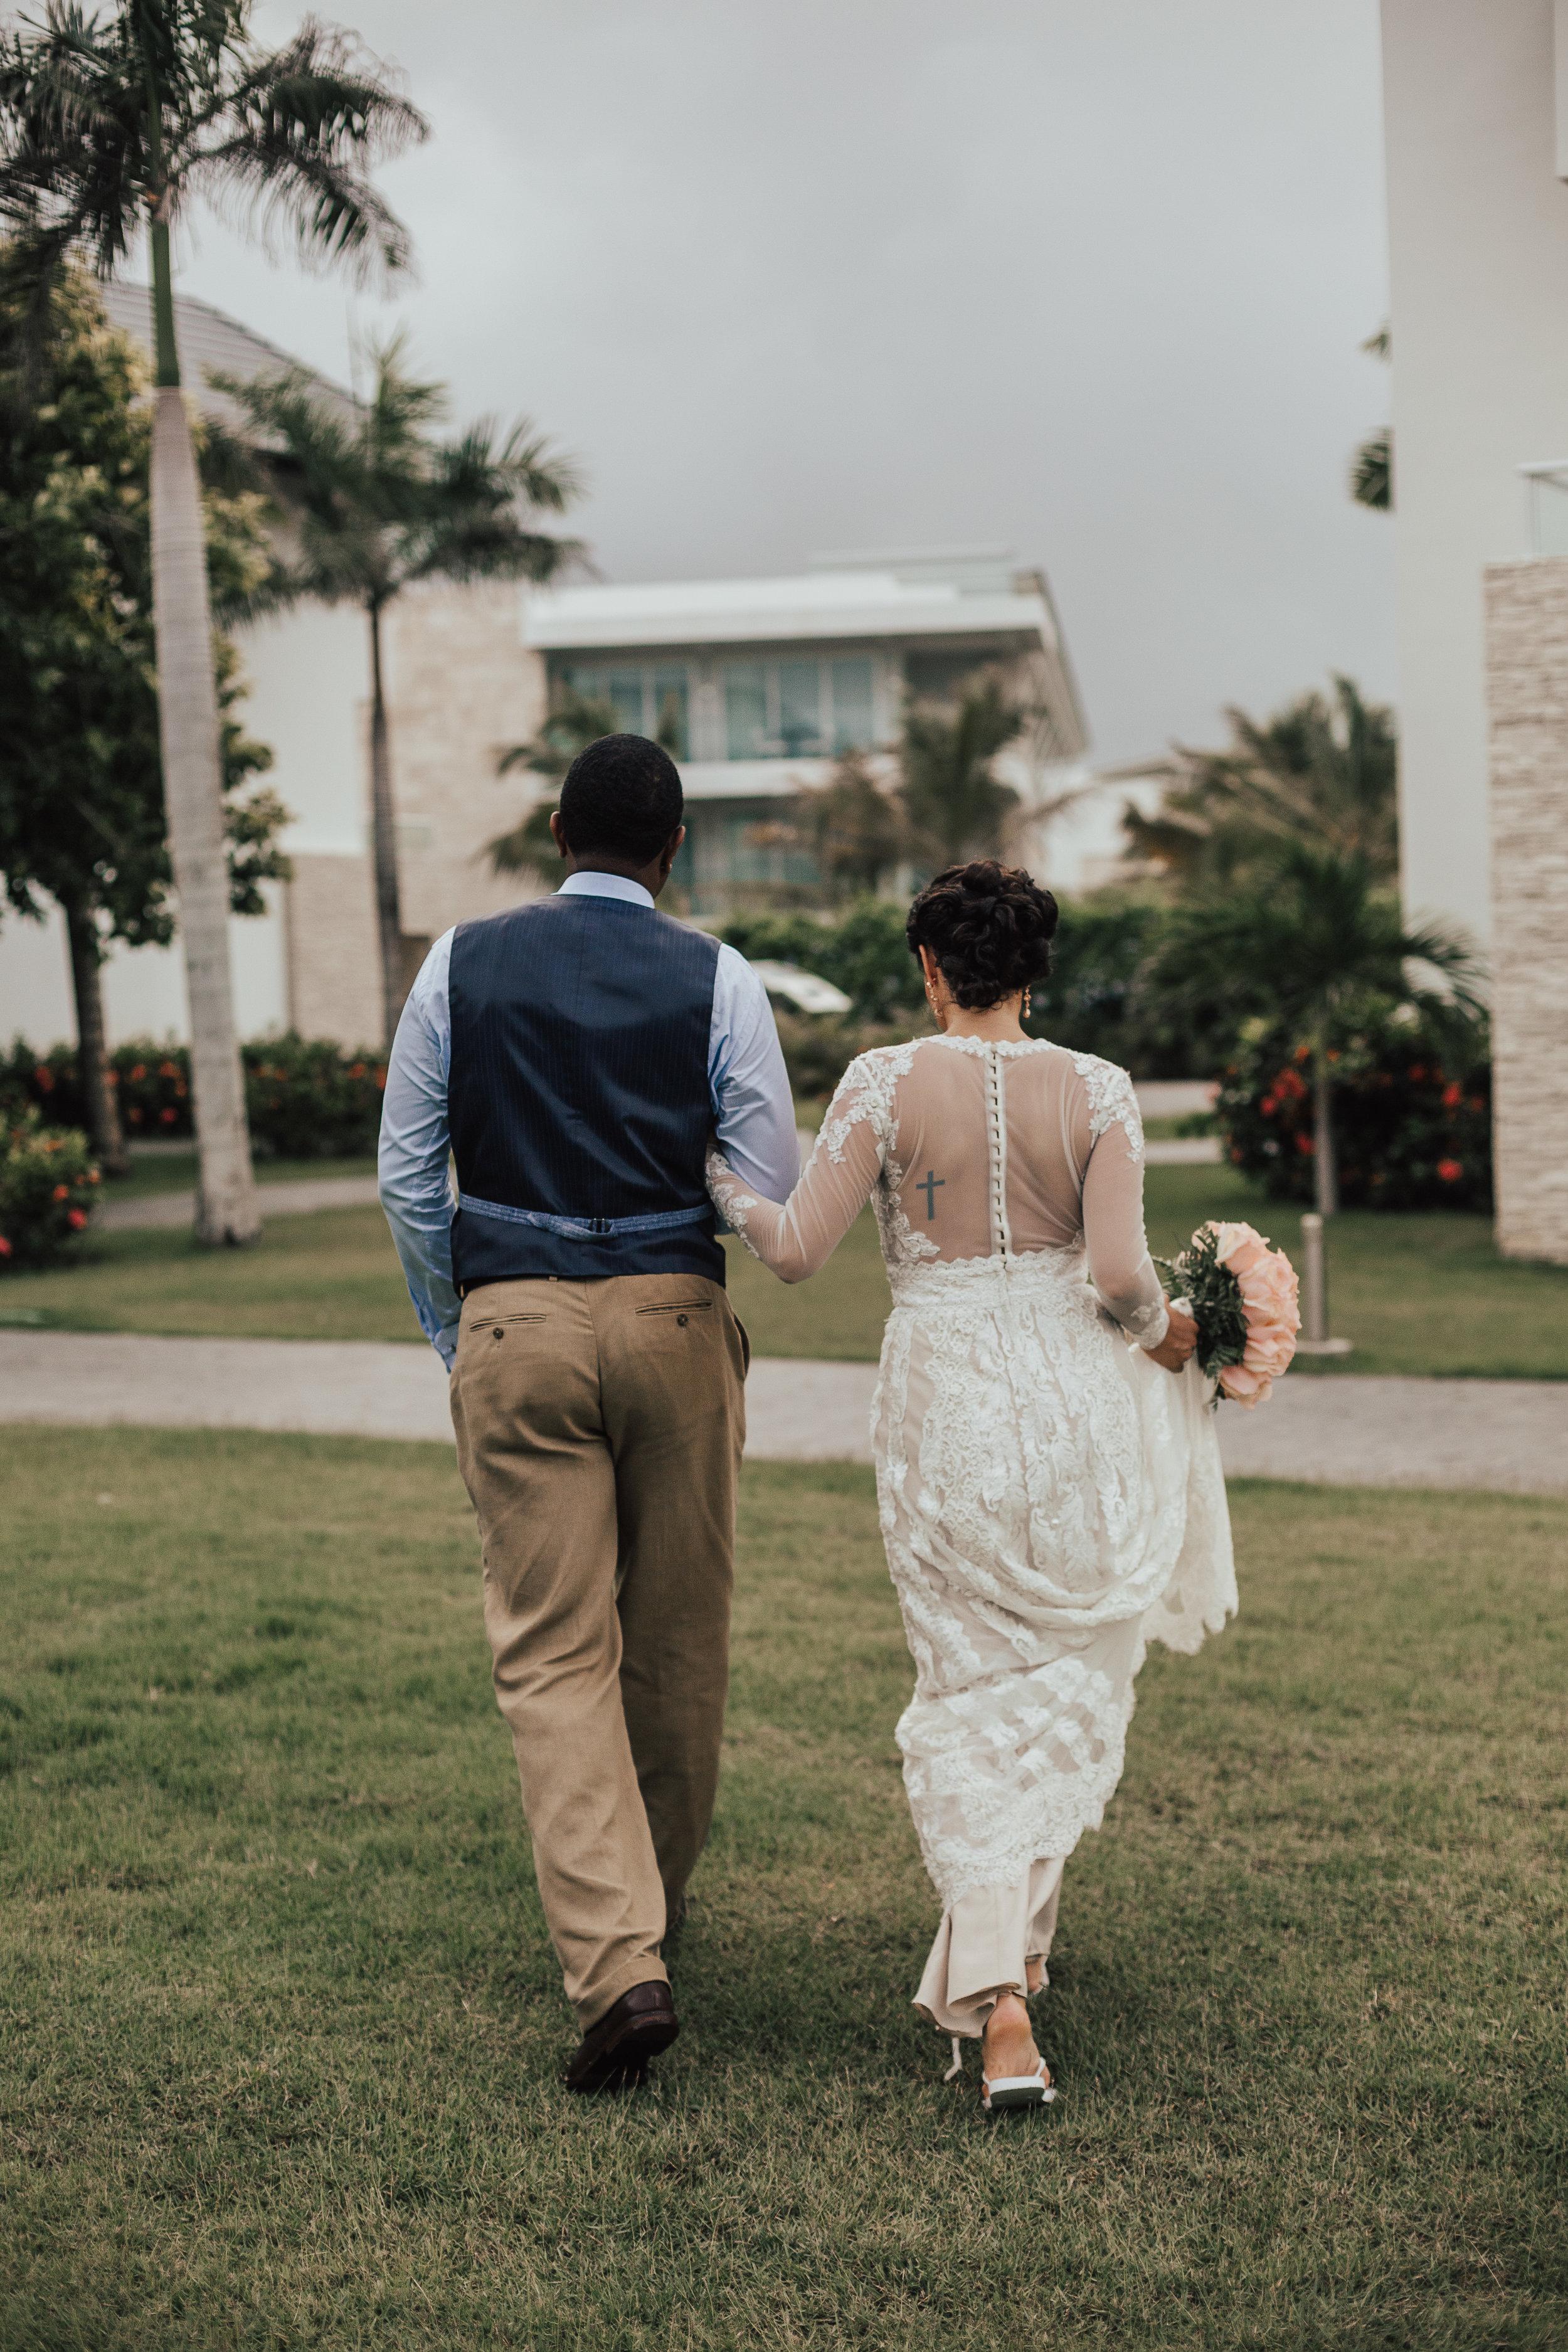 Destination-Wedding-Photographer-cleveland-wedding-photographer-elopement-photographer-elope-elopement-chic-resort